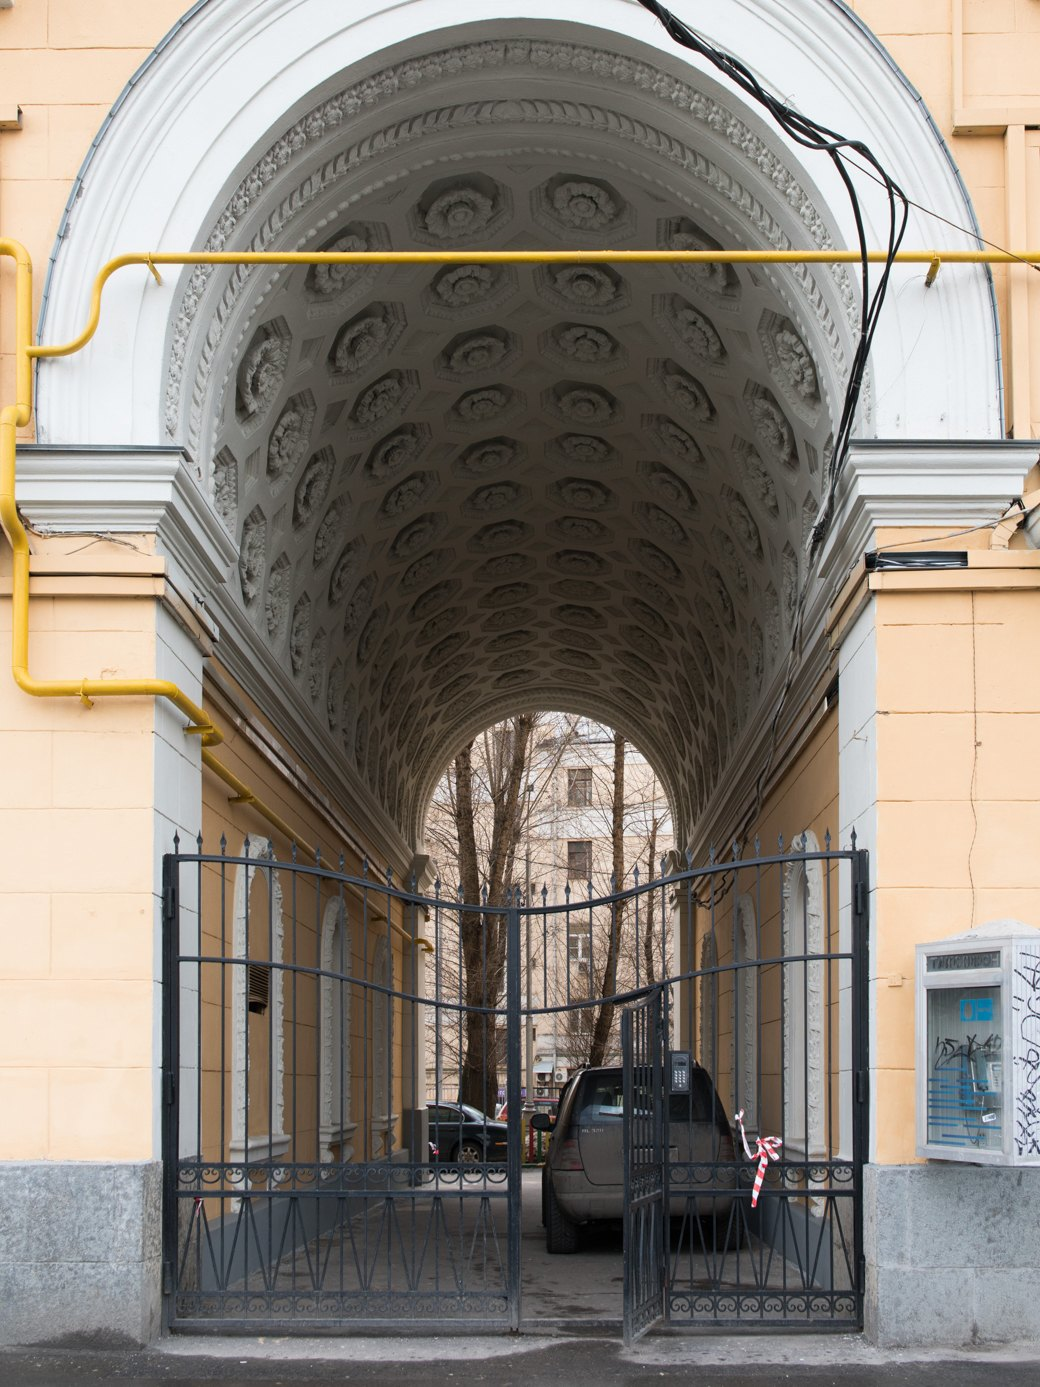 Я живу в «Доме с башенками» уБелорусского вокзала. Изображение № 7.